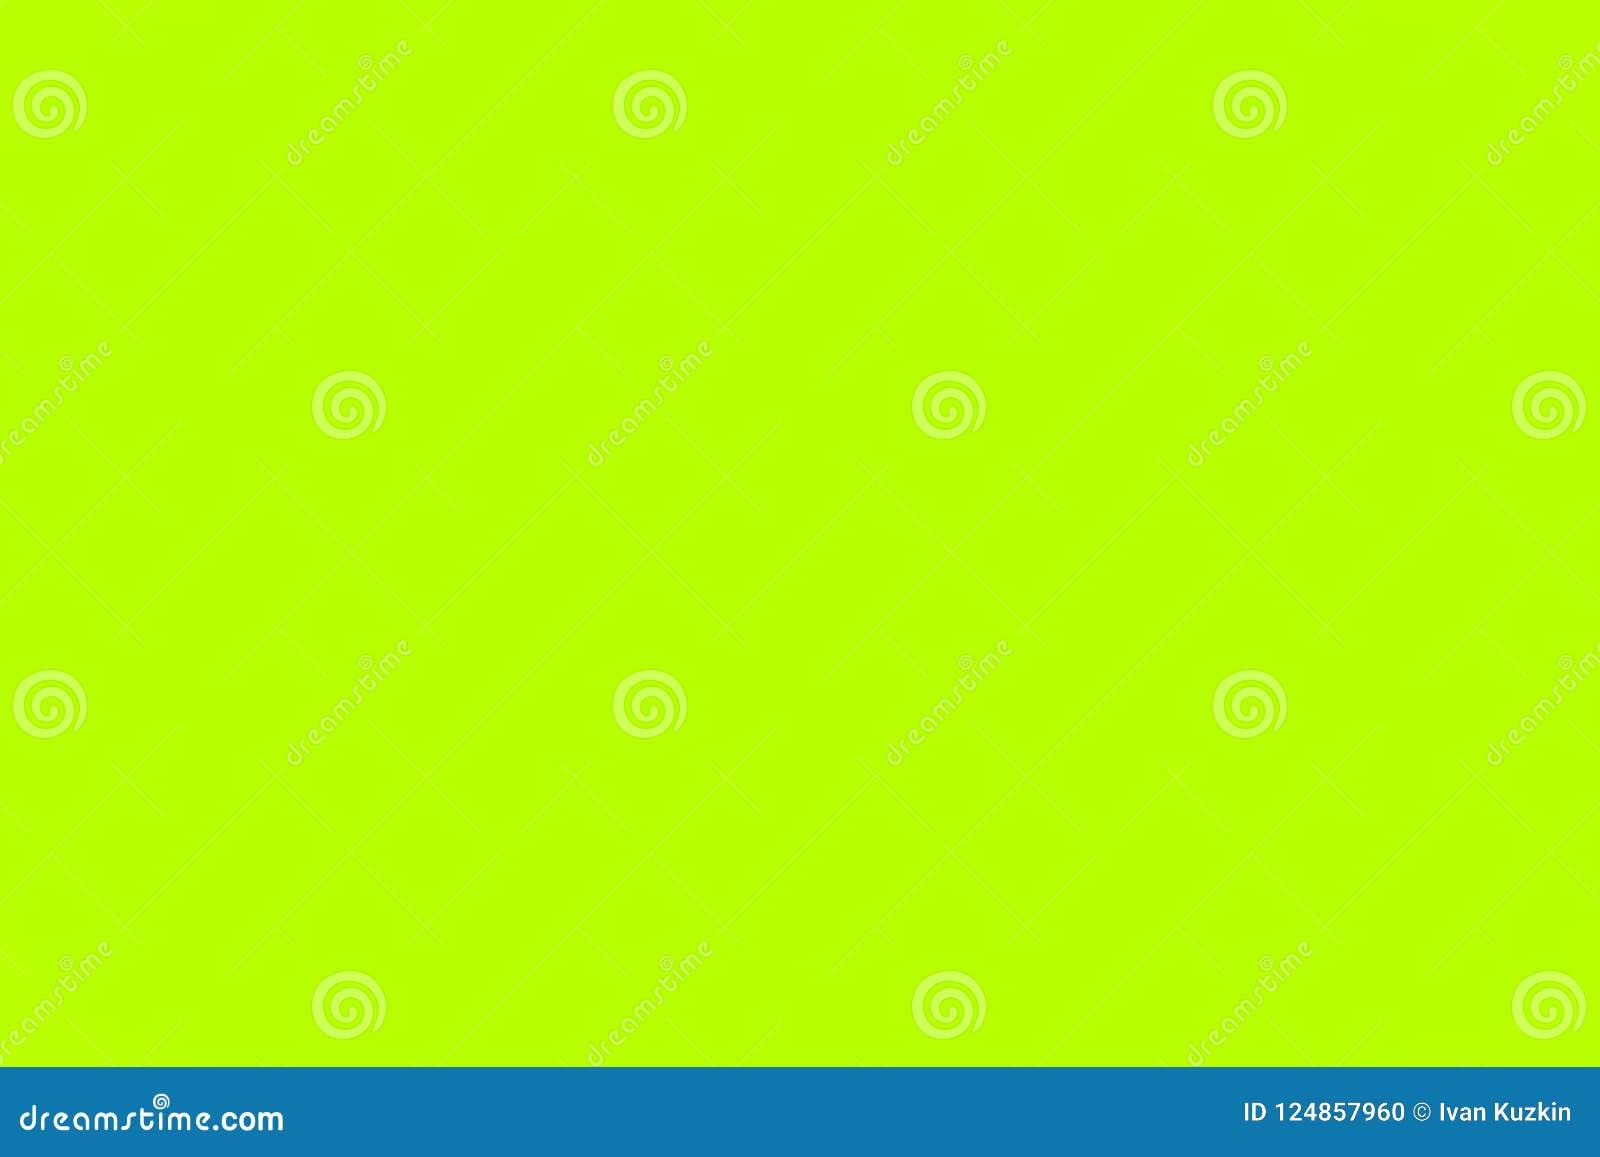 Bakgrunder för fast färg och geometriska linjer, hörn, cirklar